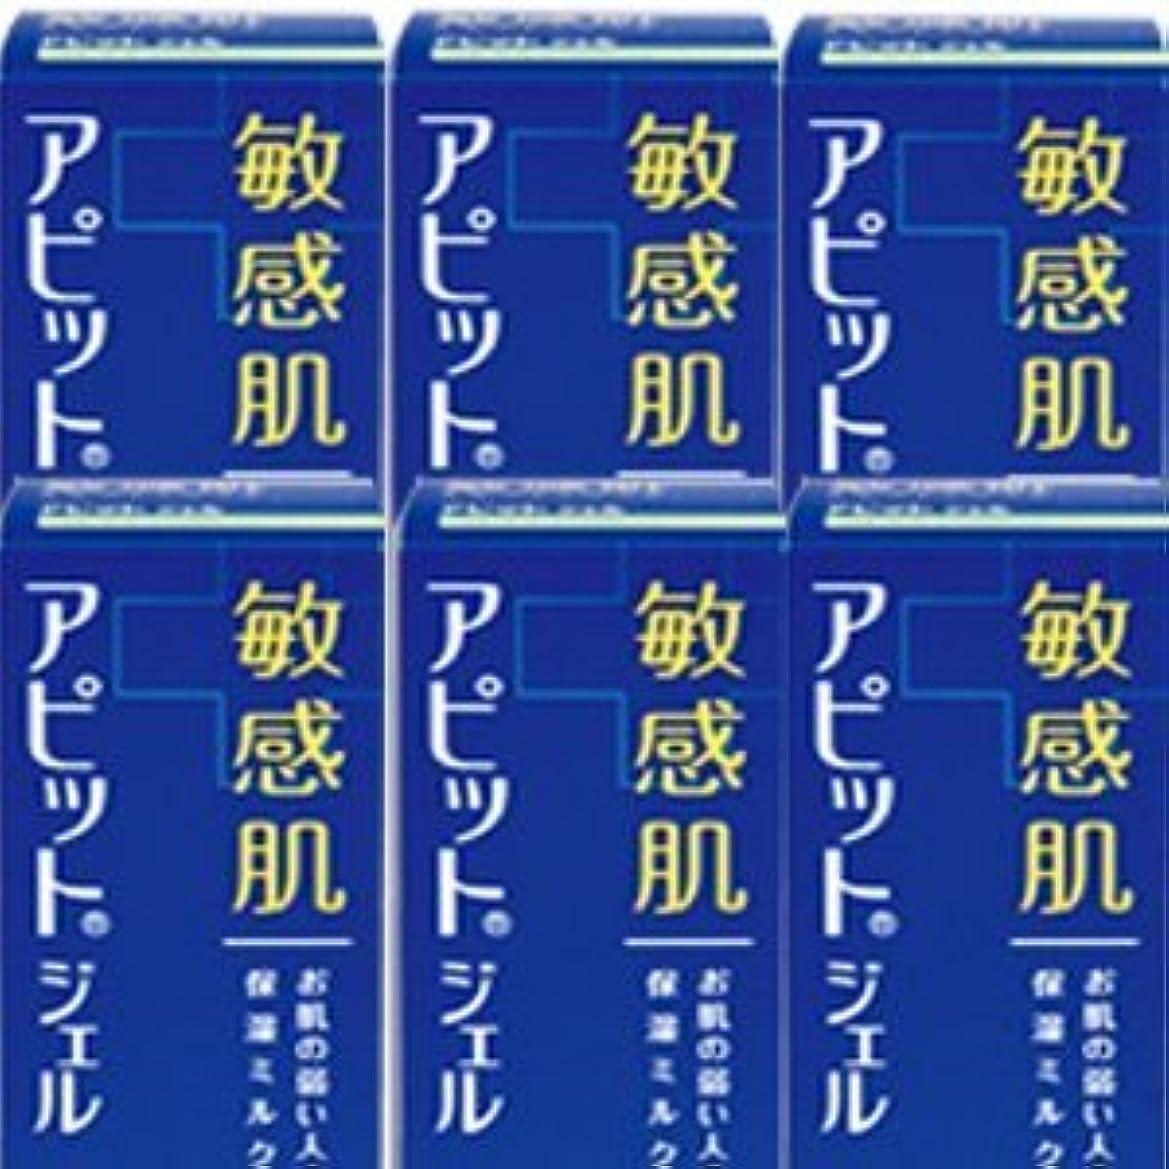 同化するおばあさんビクター【6個】全薬工業 アピットジェルS 120mlx6個セット (4987305034625)